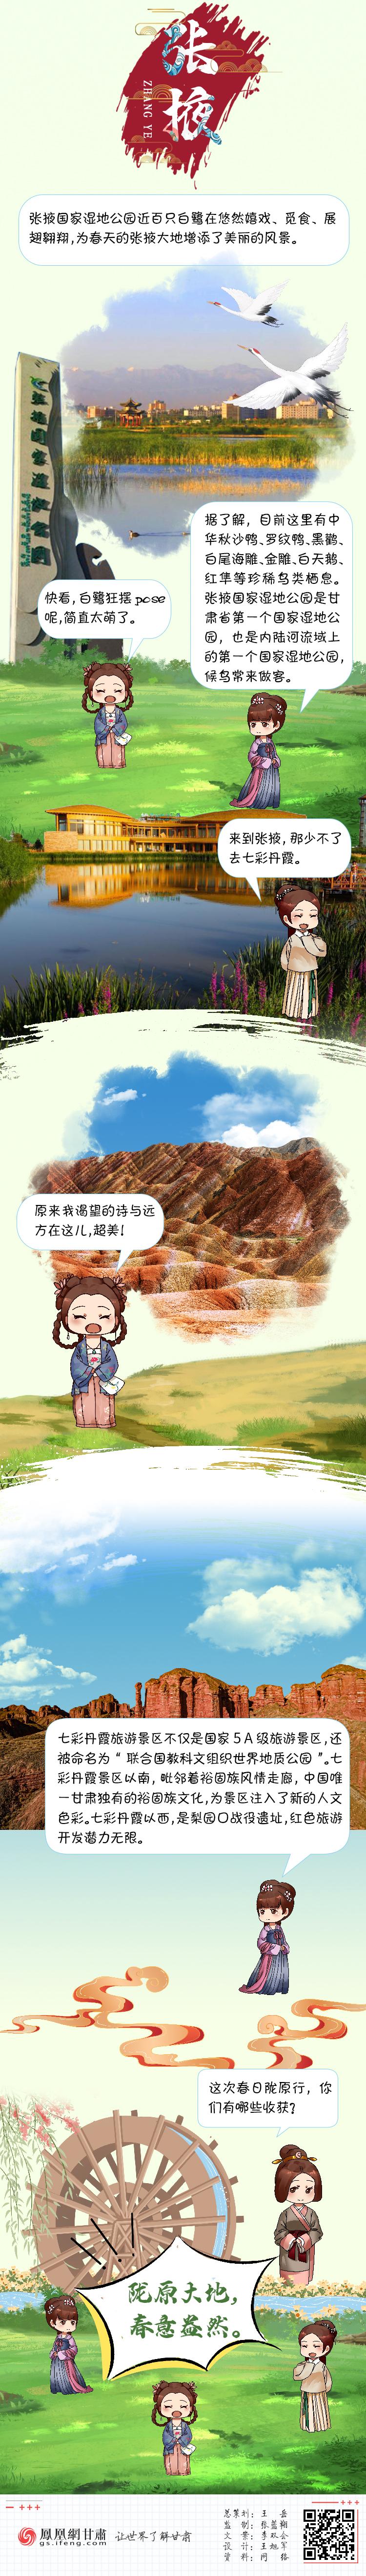 """长图丨陇原春日""""游""""点美,她们直犇这些地儿"""